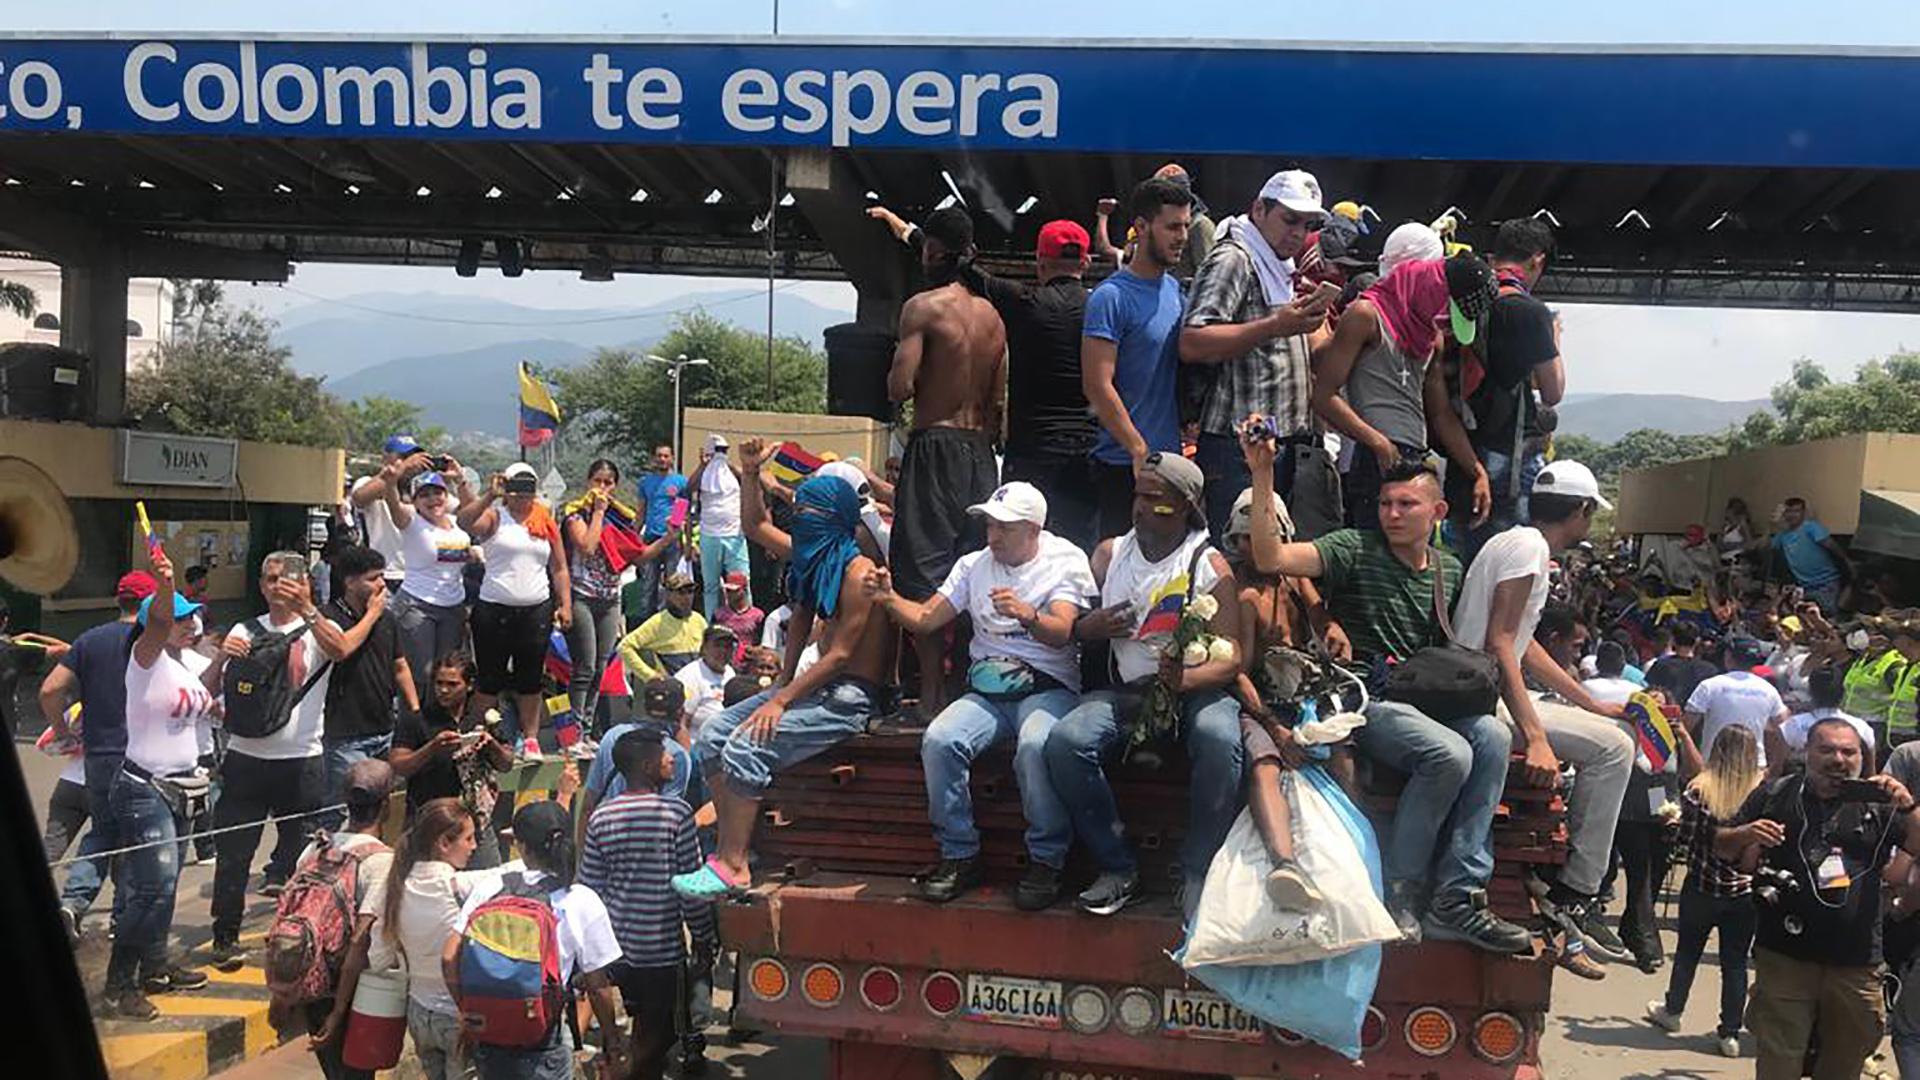 El ingreso de los camiones por Cúcuta a Venezuela. Infobae, en el interior de uno de los vehículos (Román Lejtman)